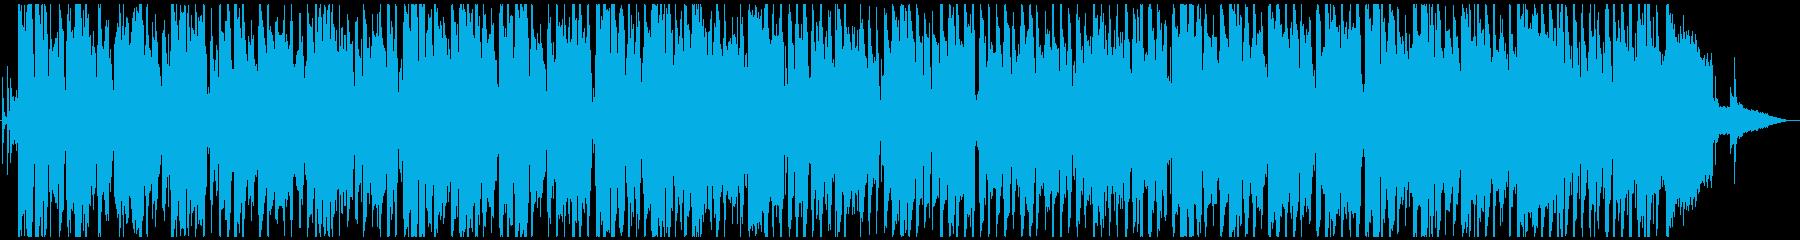 ブラスジャズでメリークリスマス!の再生済みの波形